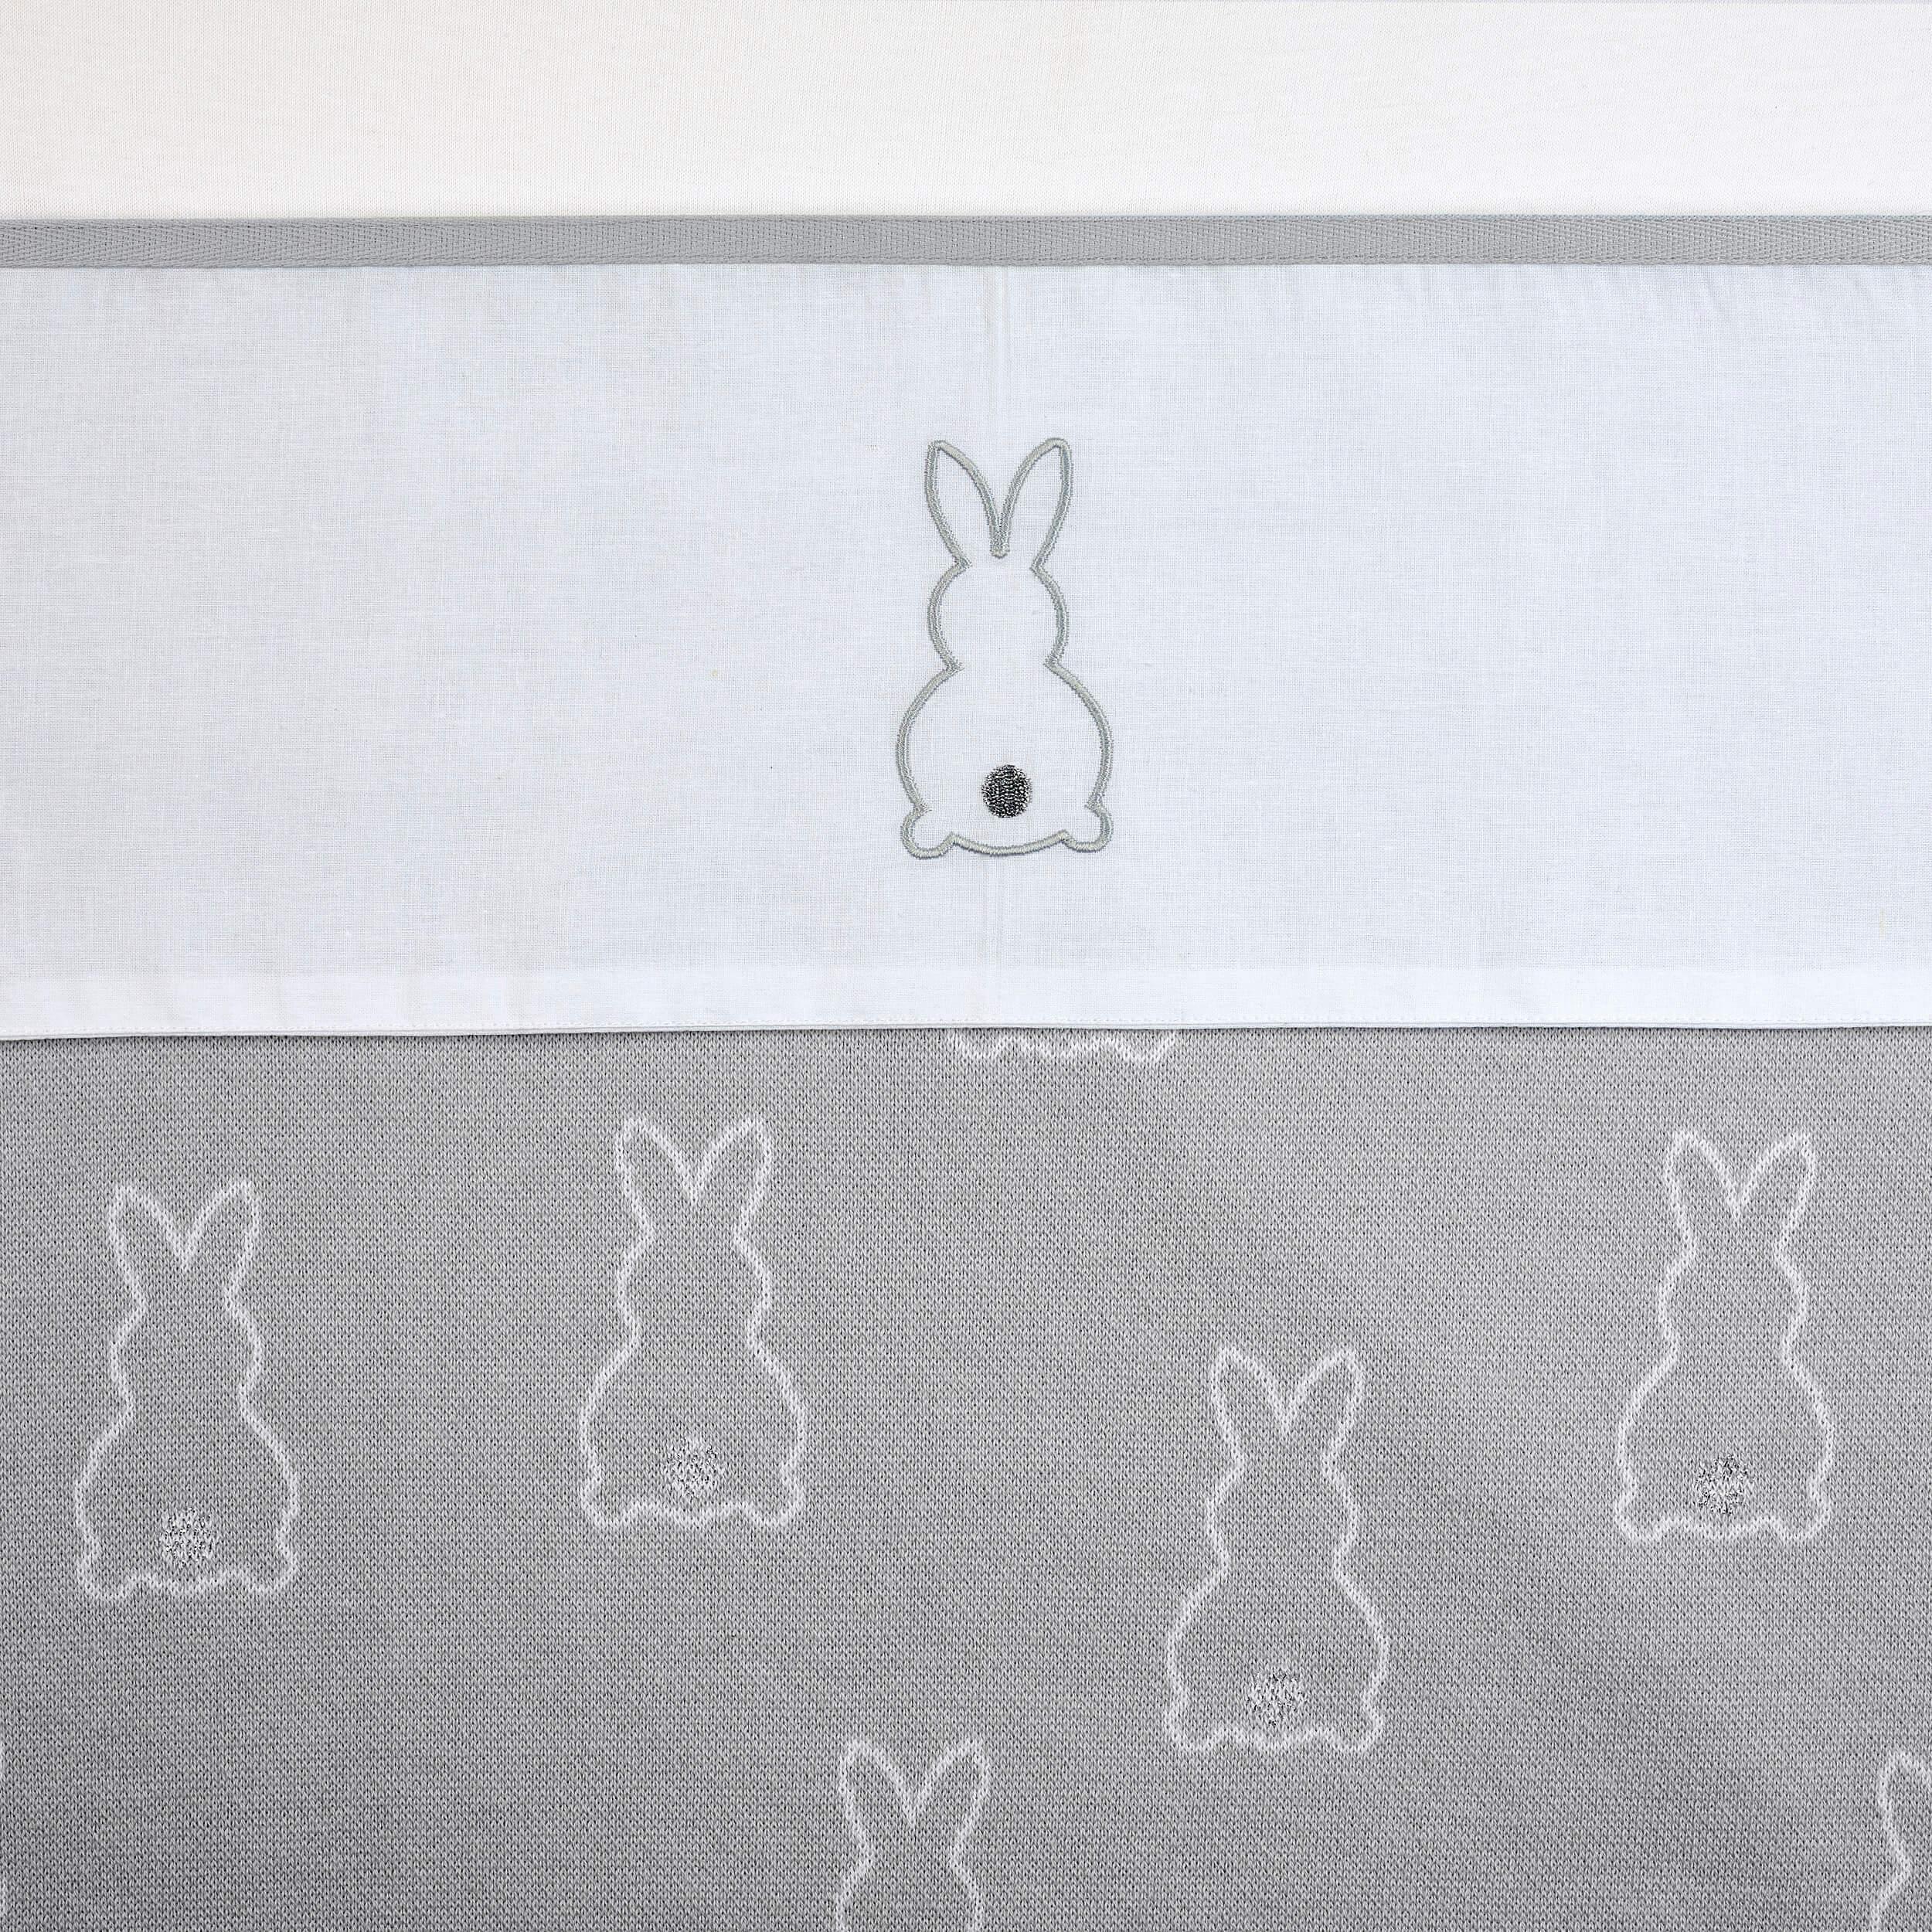 Meyco X Mrs. Keizer Wieglaken Rabbit - Silver